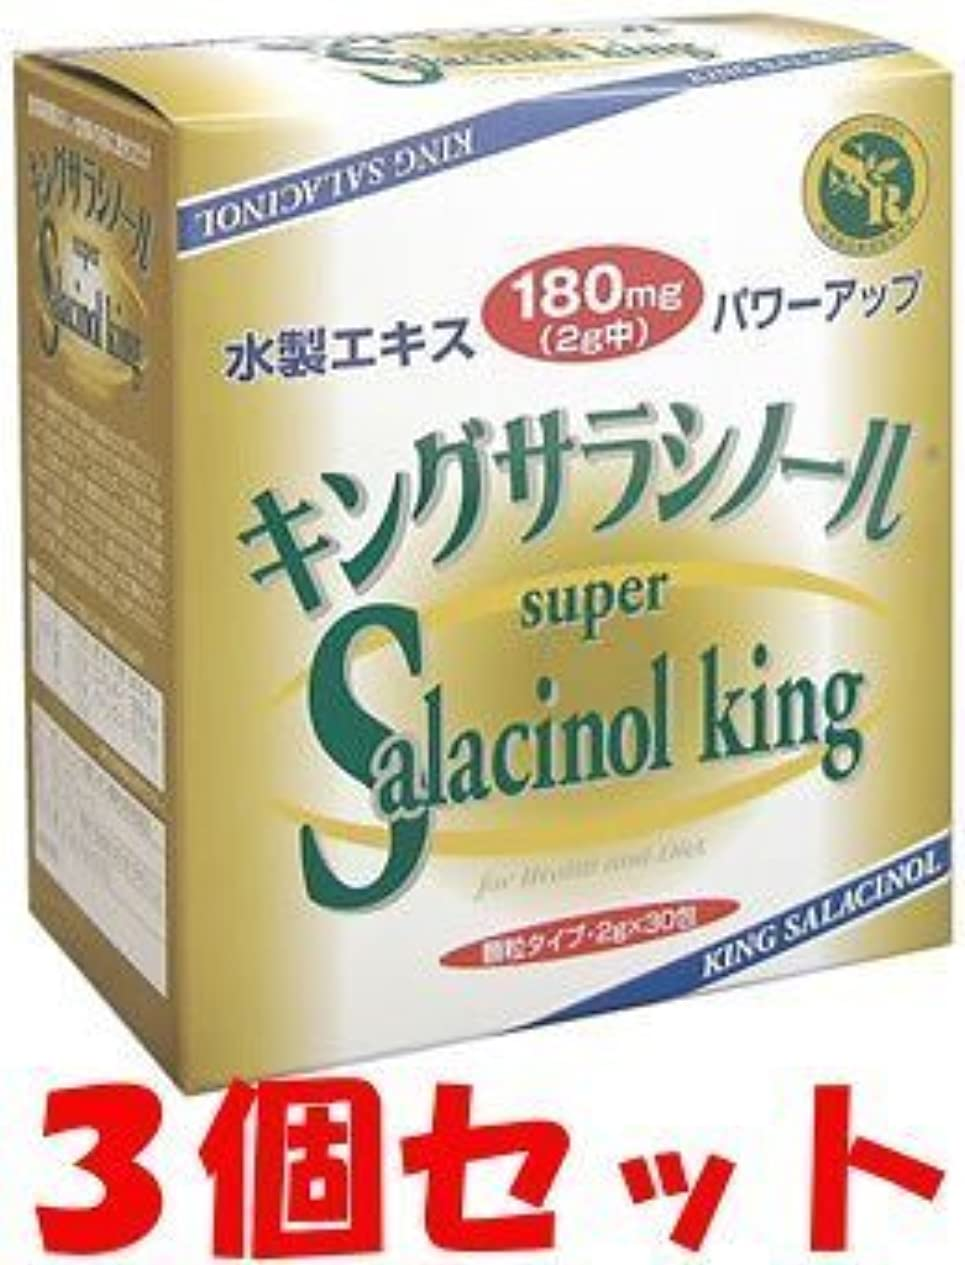 ピックピクニック延ばす【3個セット】キングサラシノール 30包